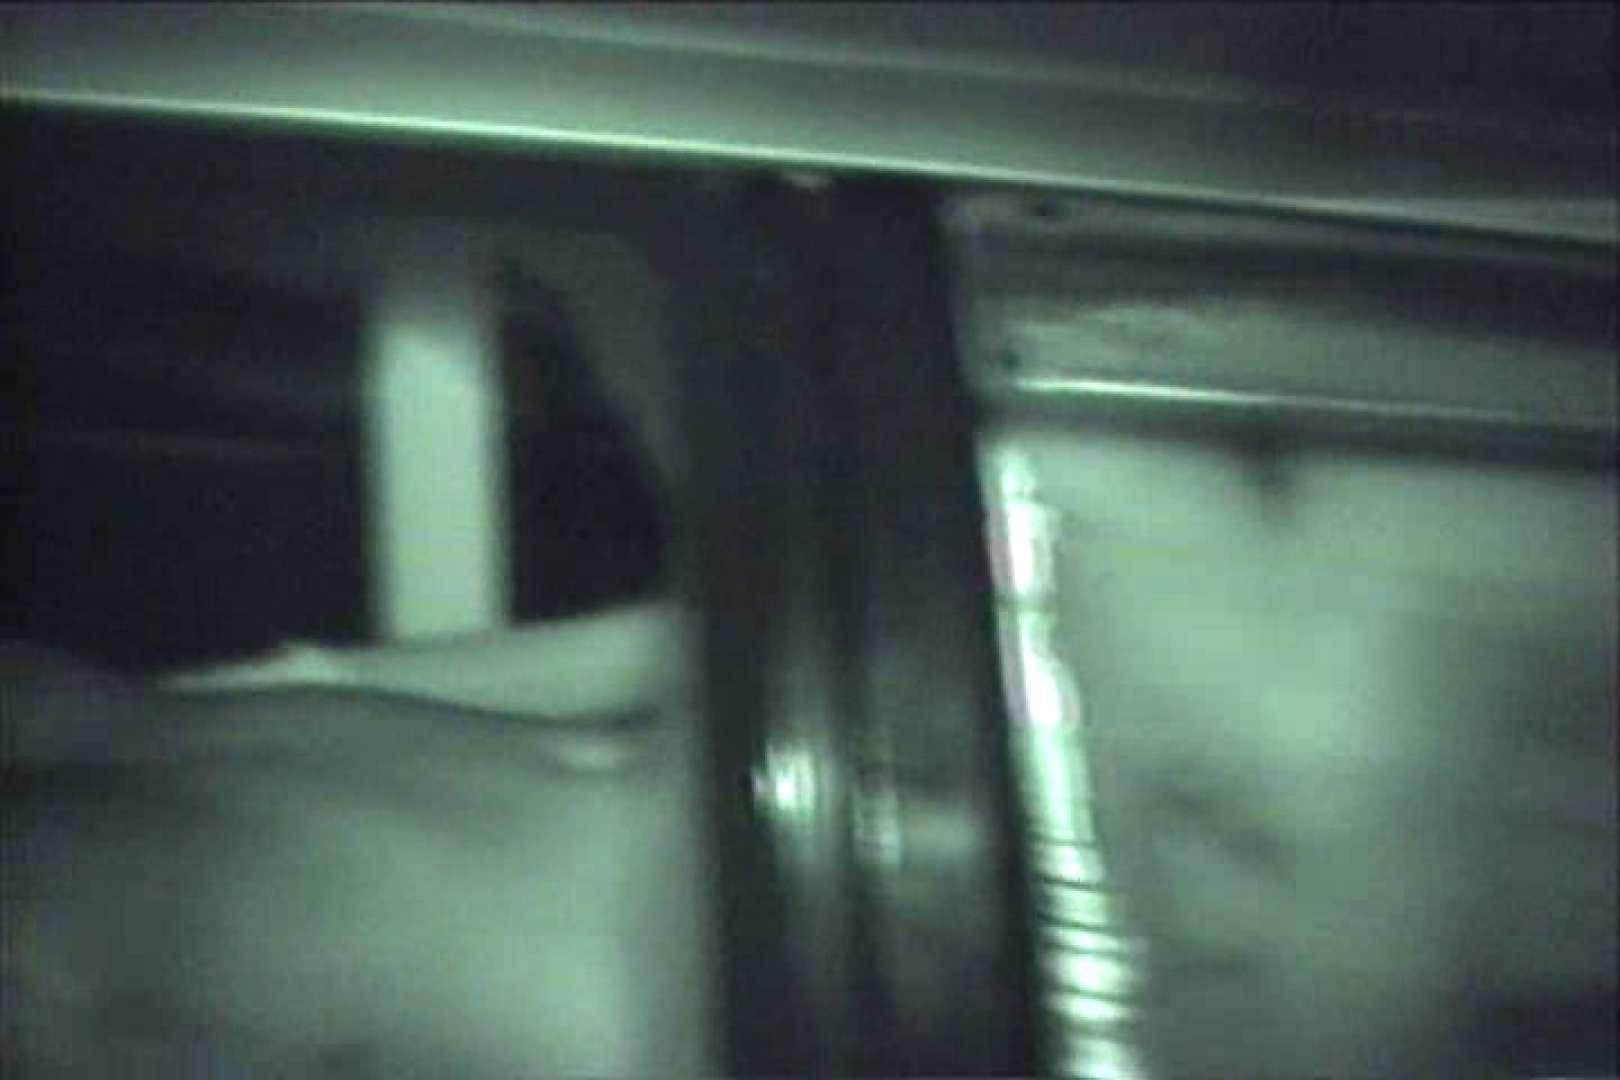 車の中はラブホテル 無修正版  Vol.17 ホテル  104連発 102